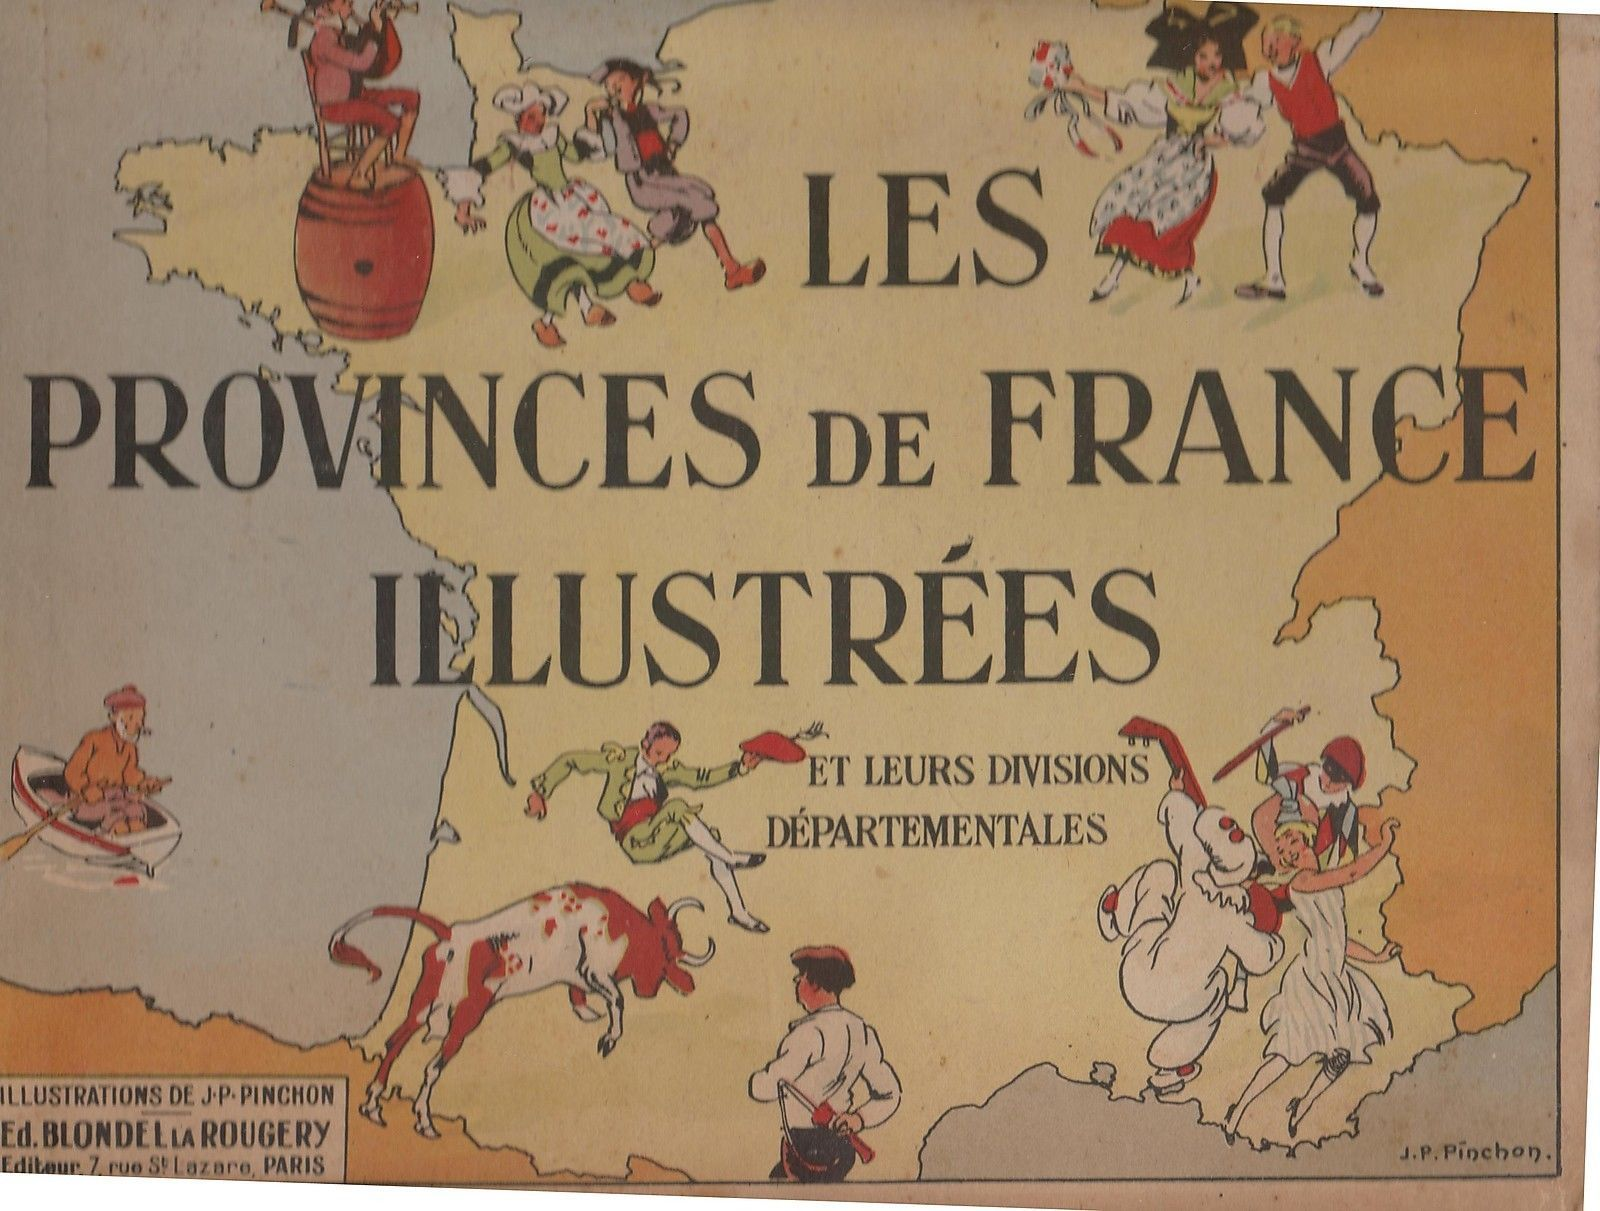 Les Provinces De France Illustrees Ill De Pinchon 1946 Tres Bel Etat France Paris